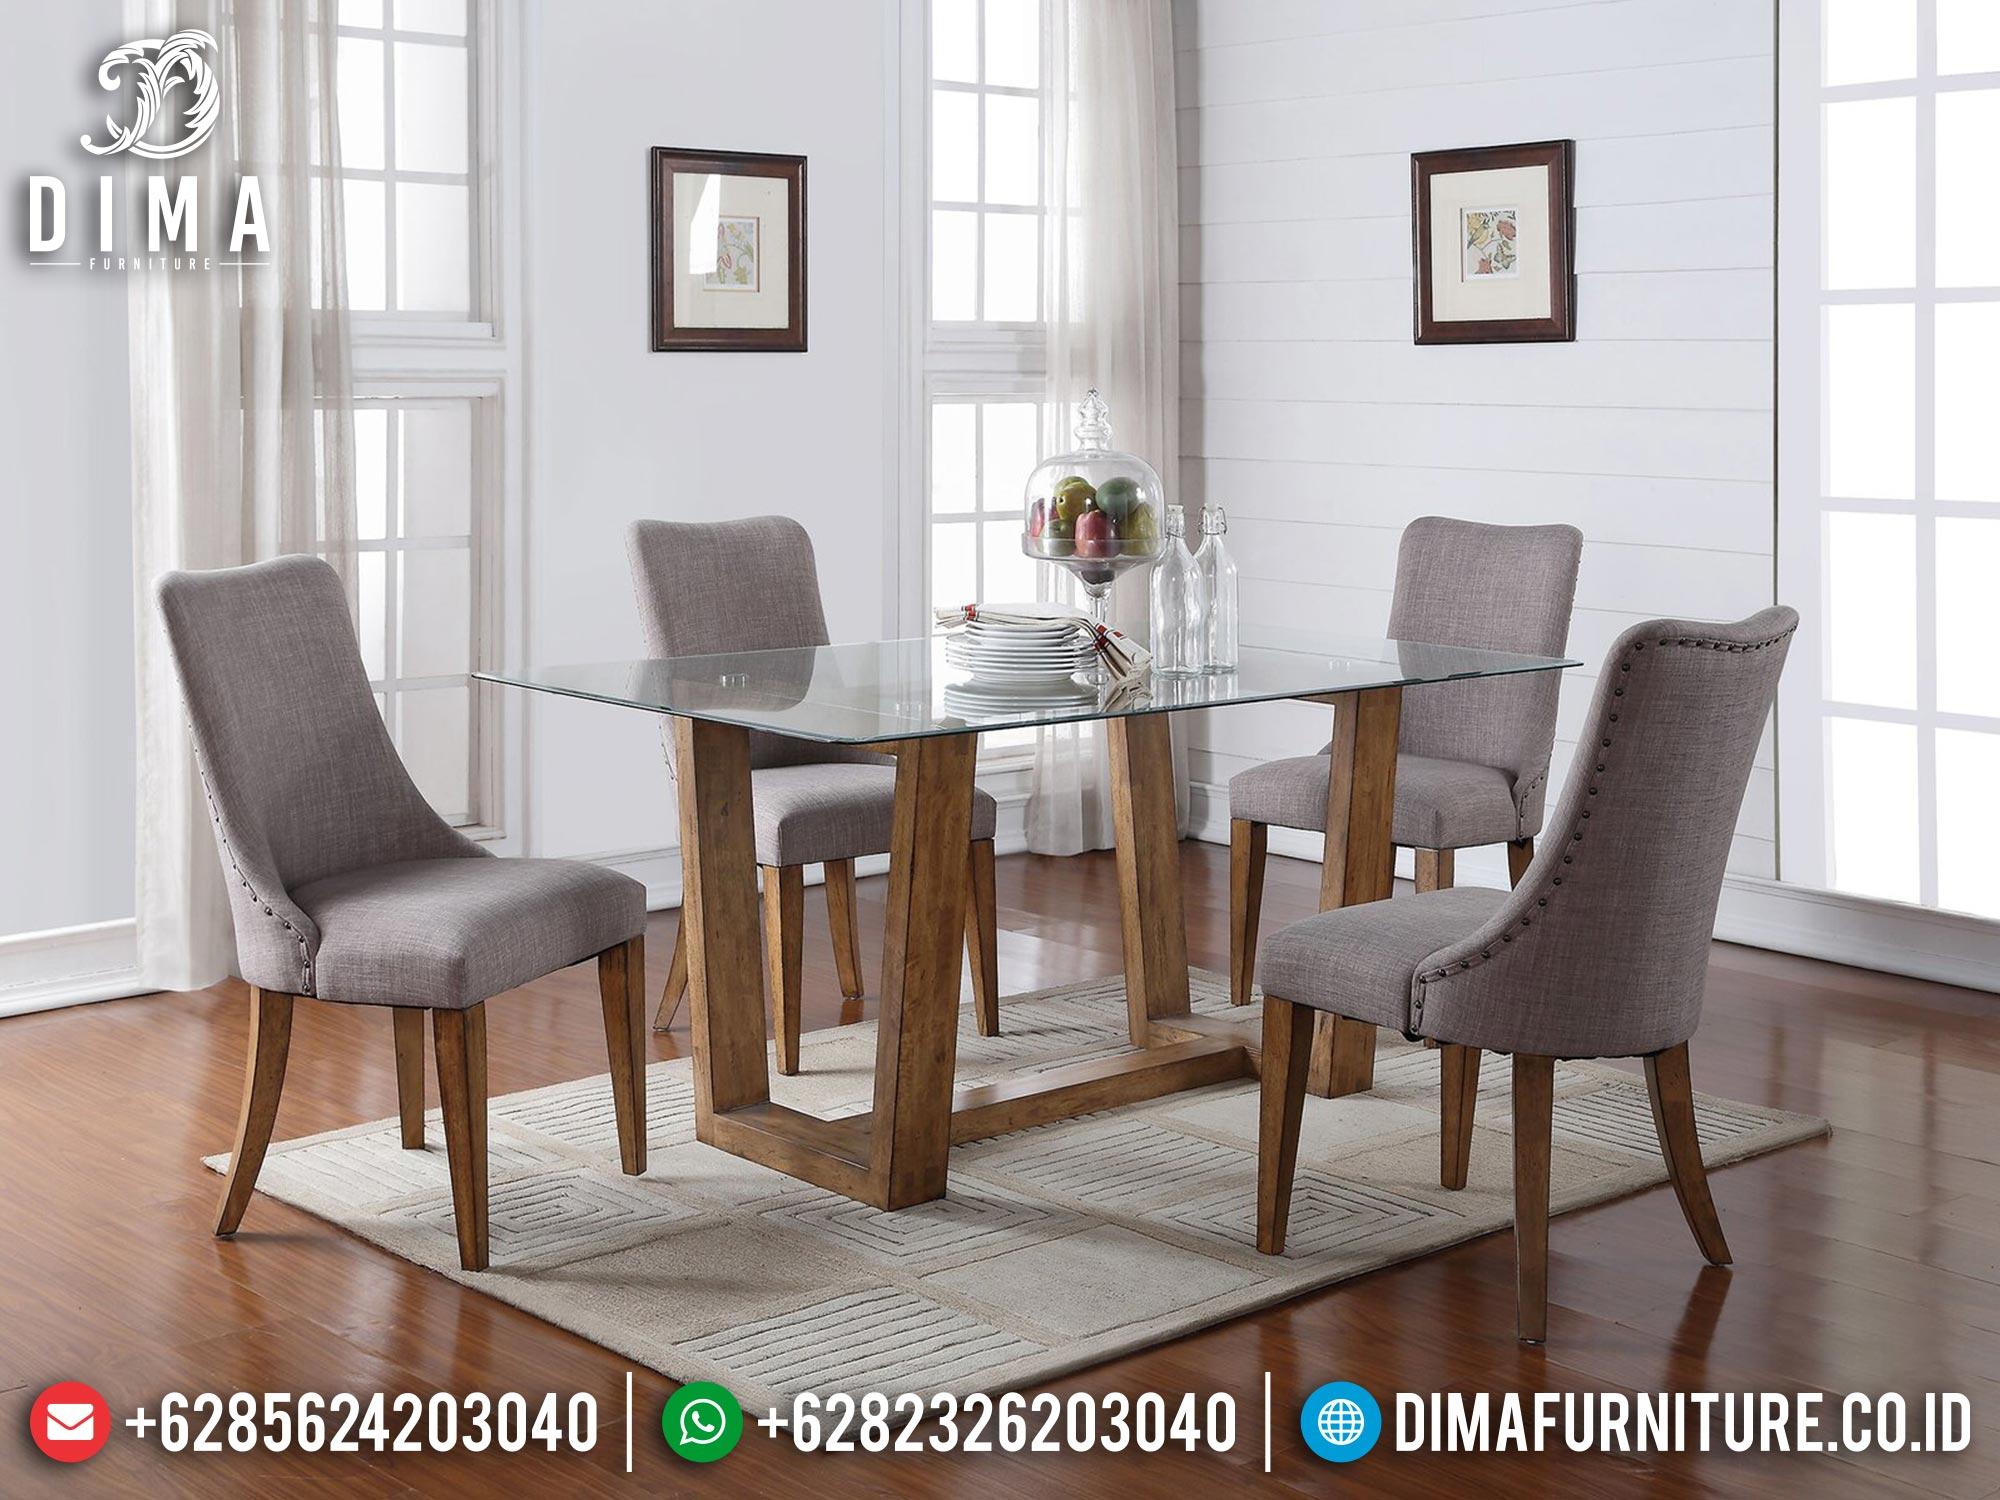 Meja Makan Minimalis Top Kaca Simple Natural Color New Furniture Jepara MM-1068